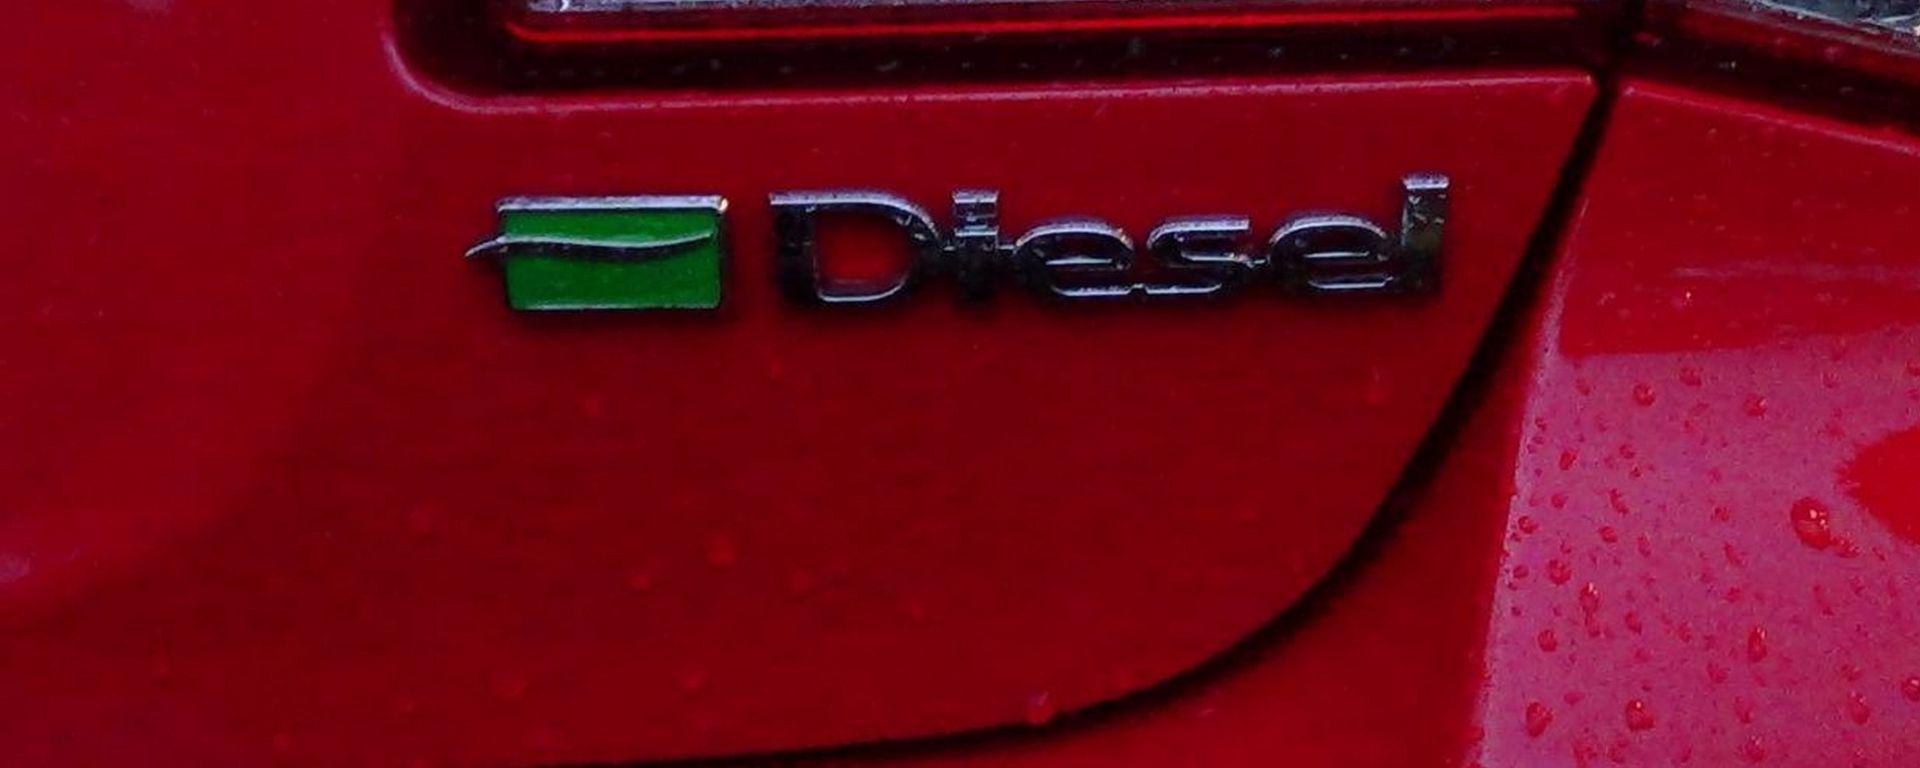 Auto usate, il diesel ha ancora mercato